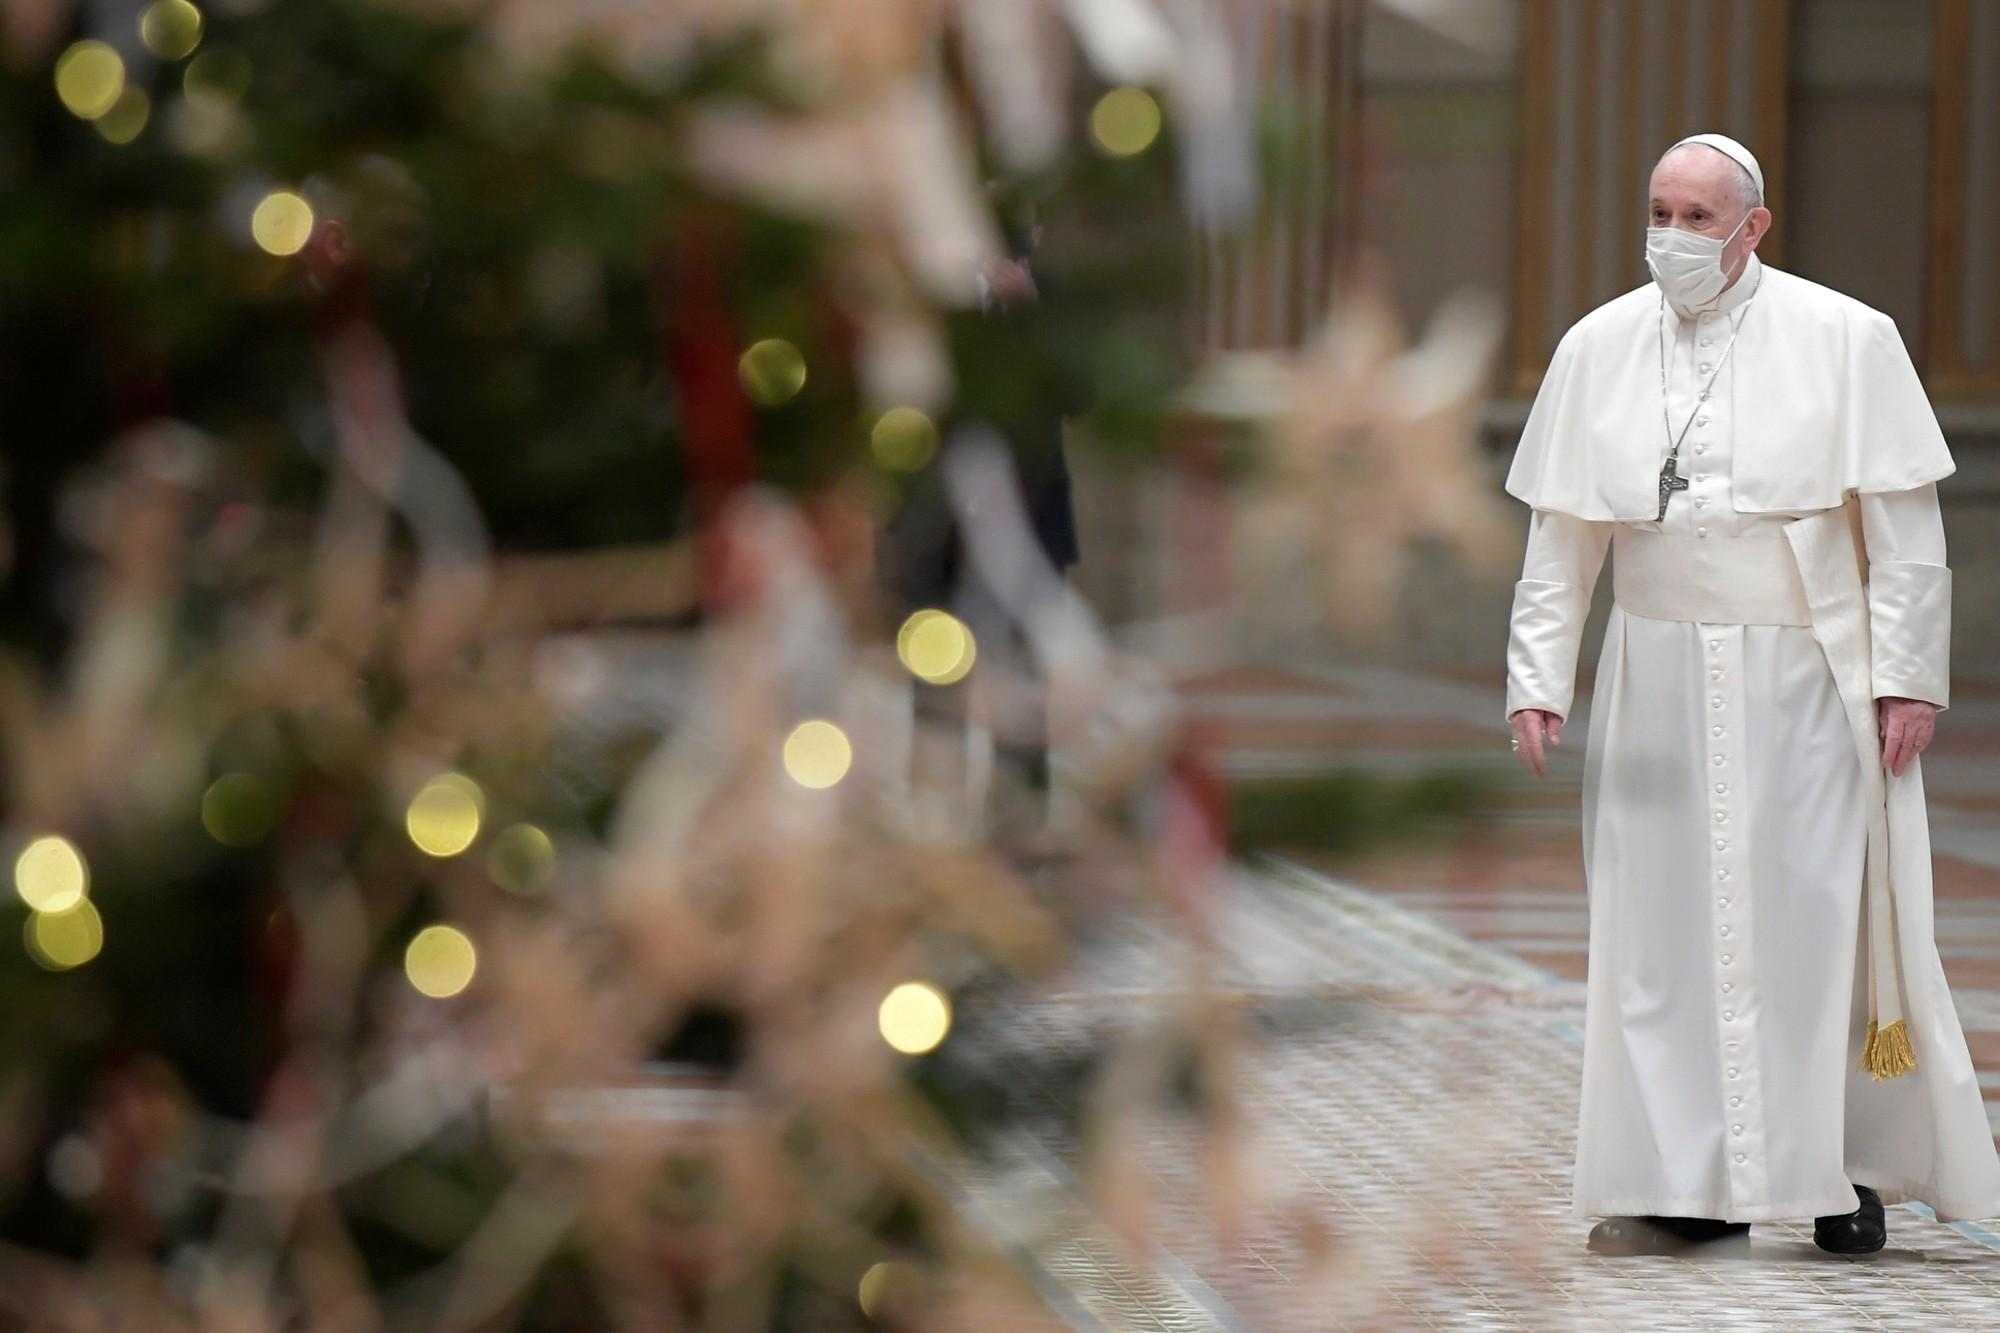 """VIDEO - Fêtes de fin d'année : le Pape appelle à la """"fraternité"""" et au vaccin pour """"tous"""""""